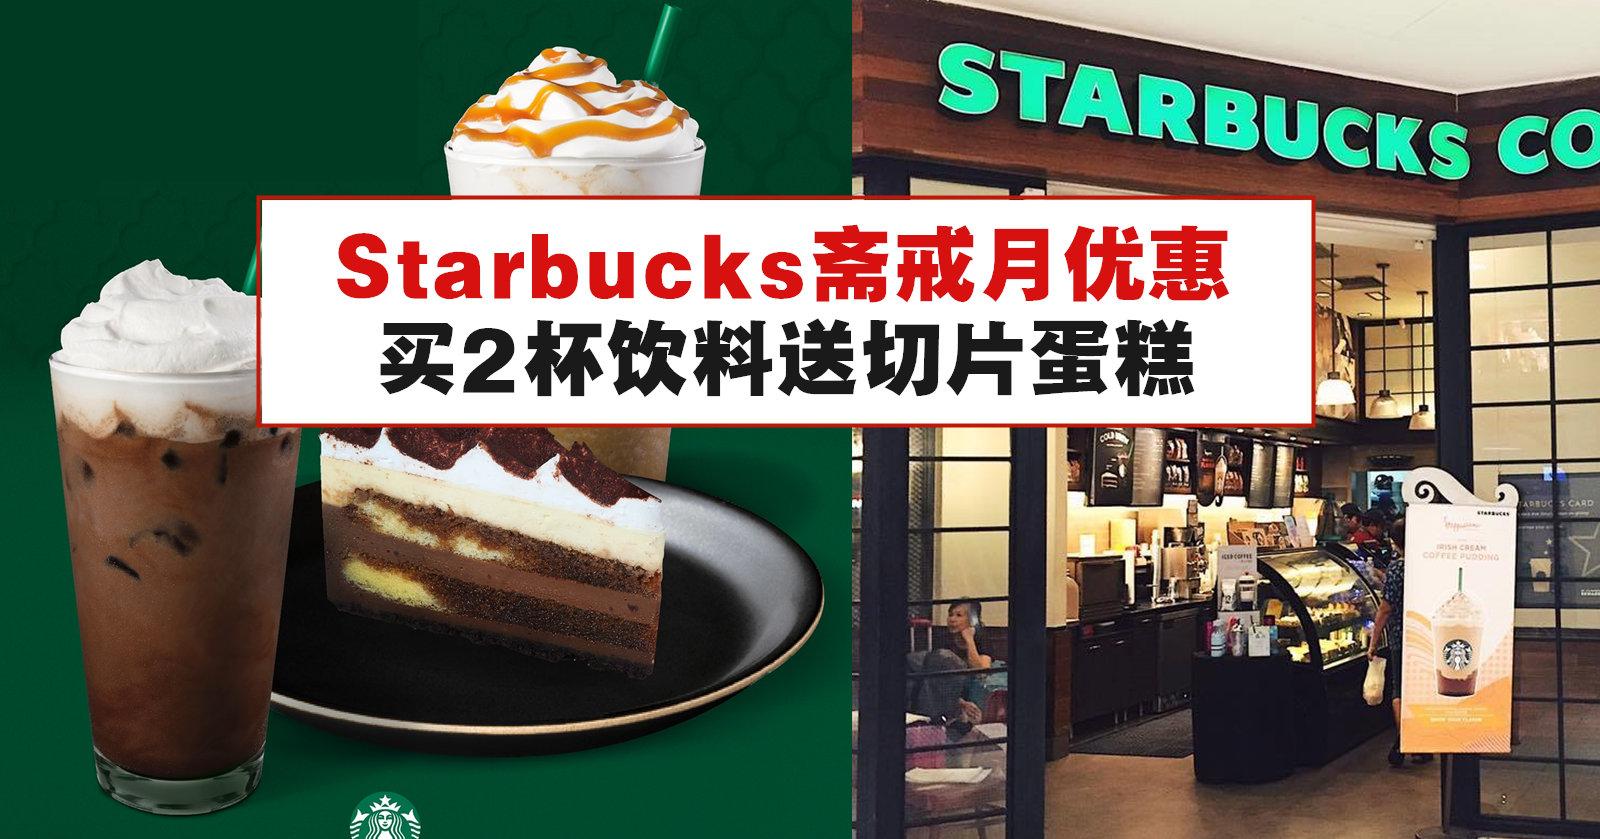 Starbucks推出买2杯饮料送切片蛋糕优惠